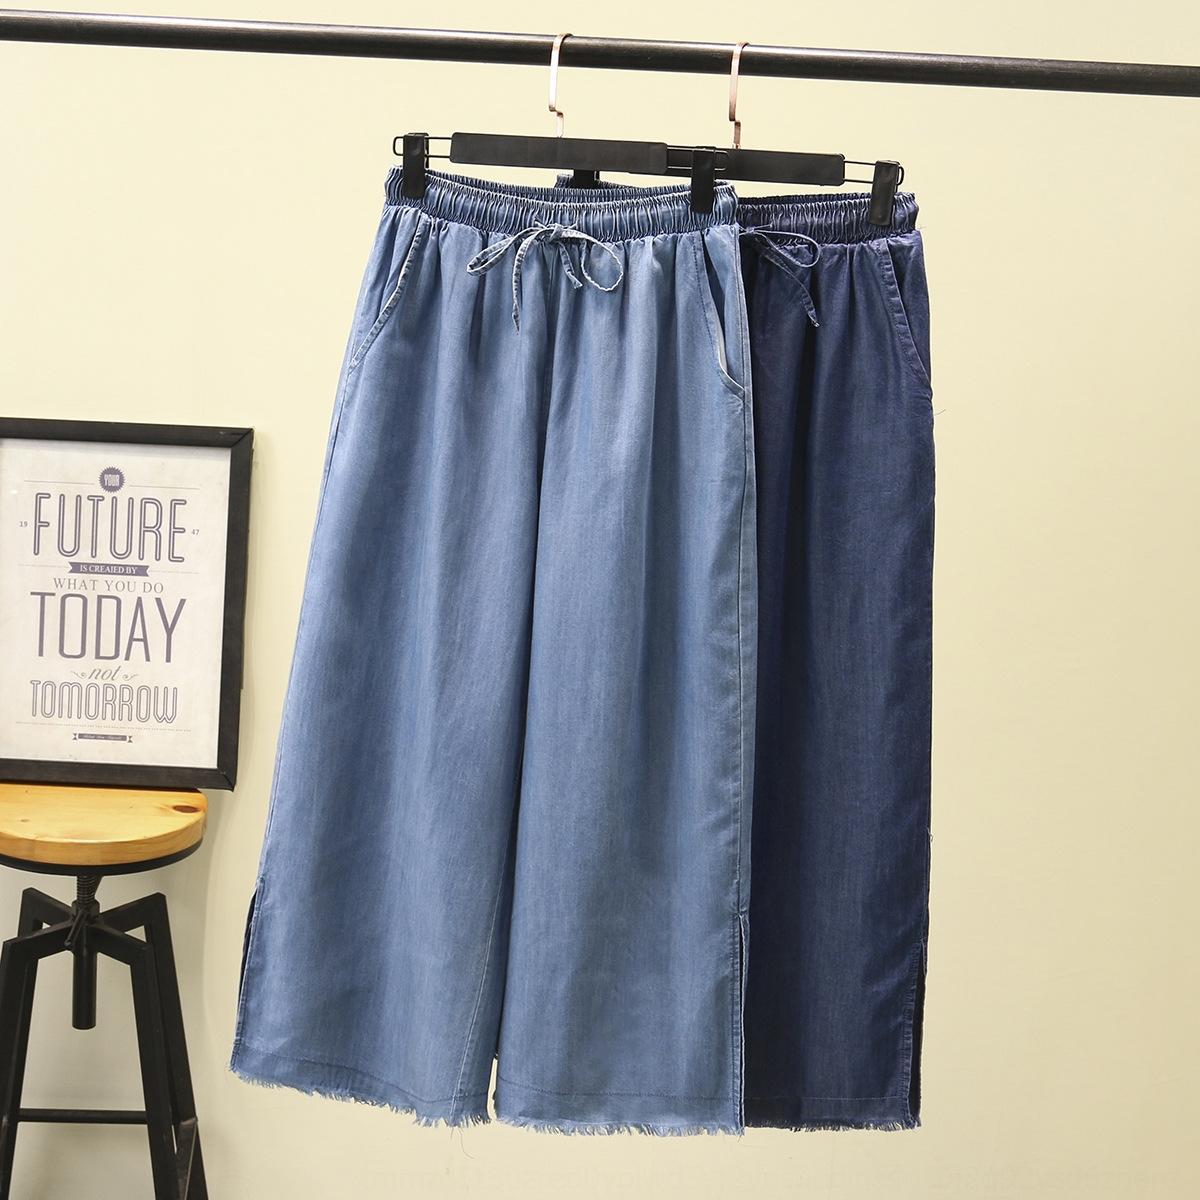 Plus Size Jeans piedino largo 200 grasso jin grasse abbigliamento abbigliamento jeans di tencel delle donne delle donne sottili pantaloni larghi gamba marea 8306